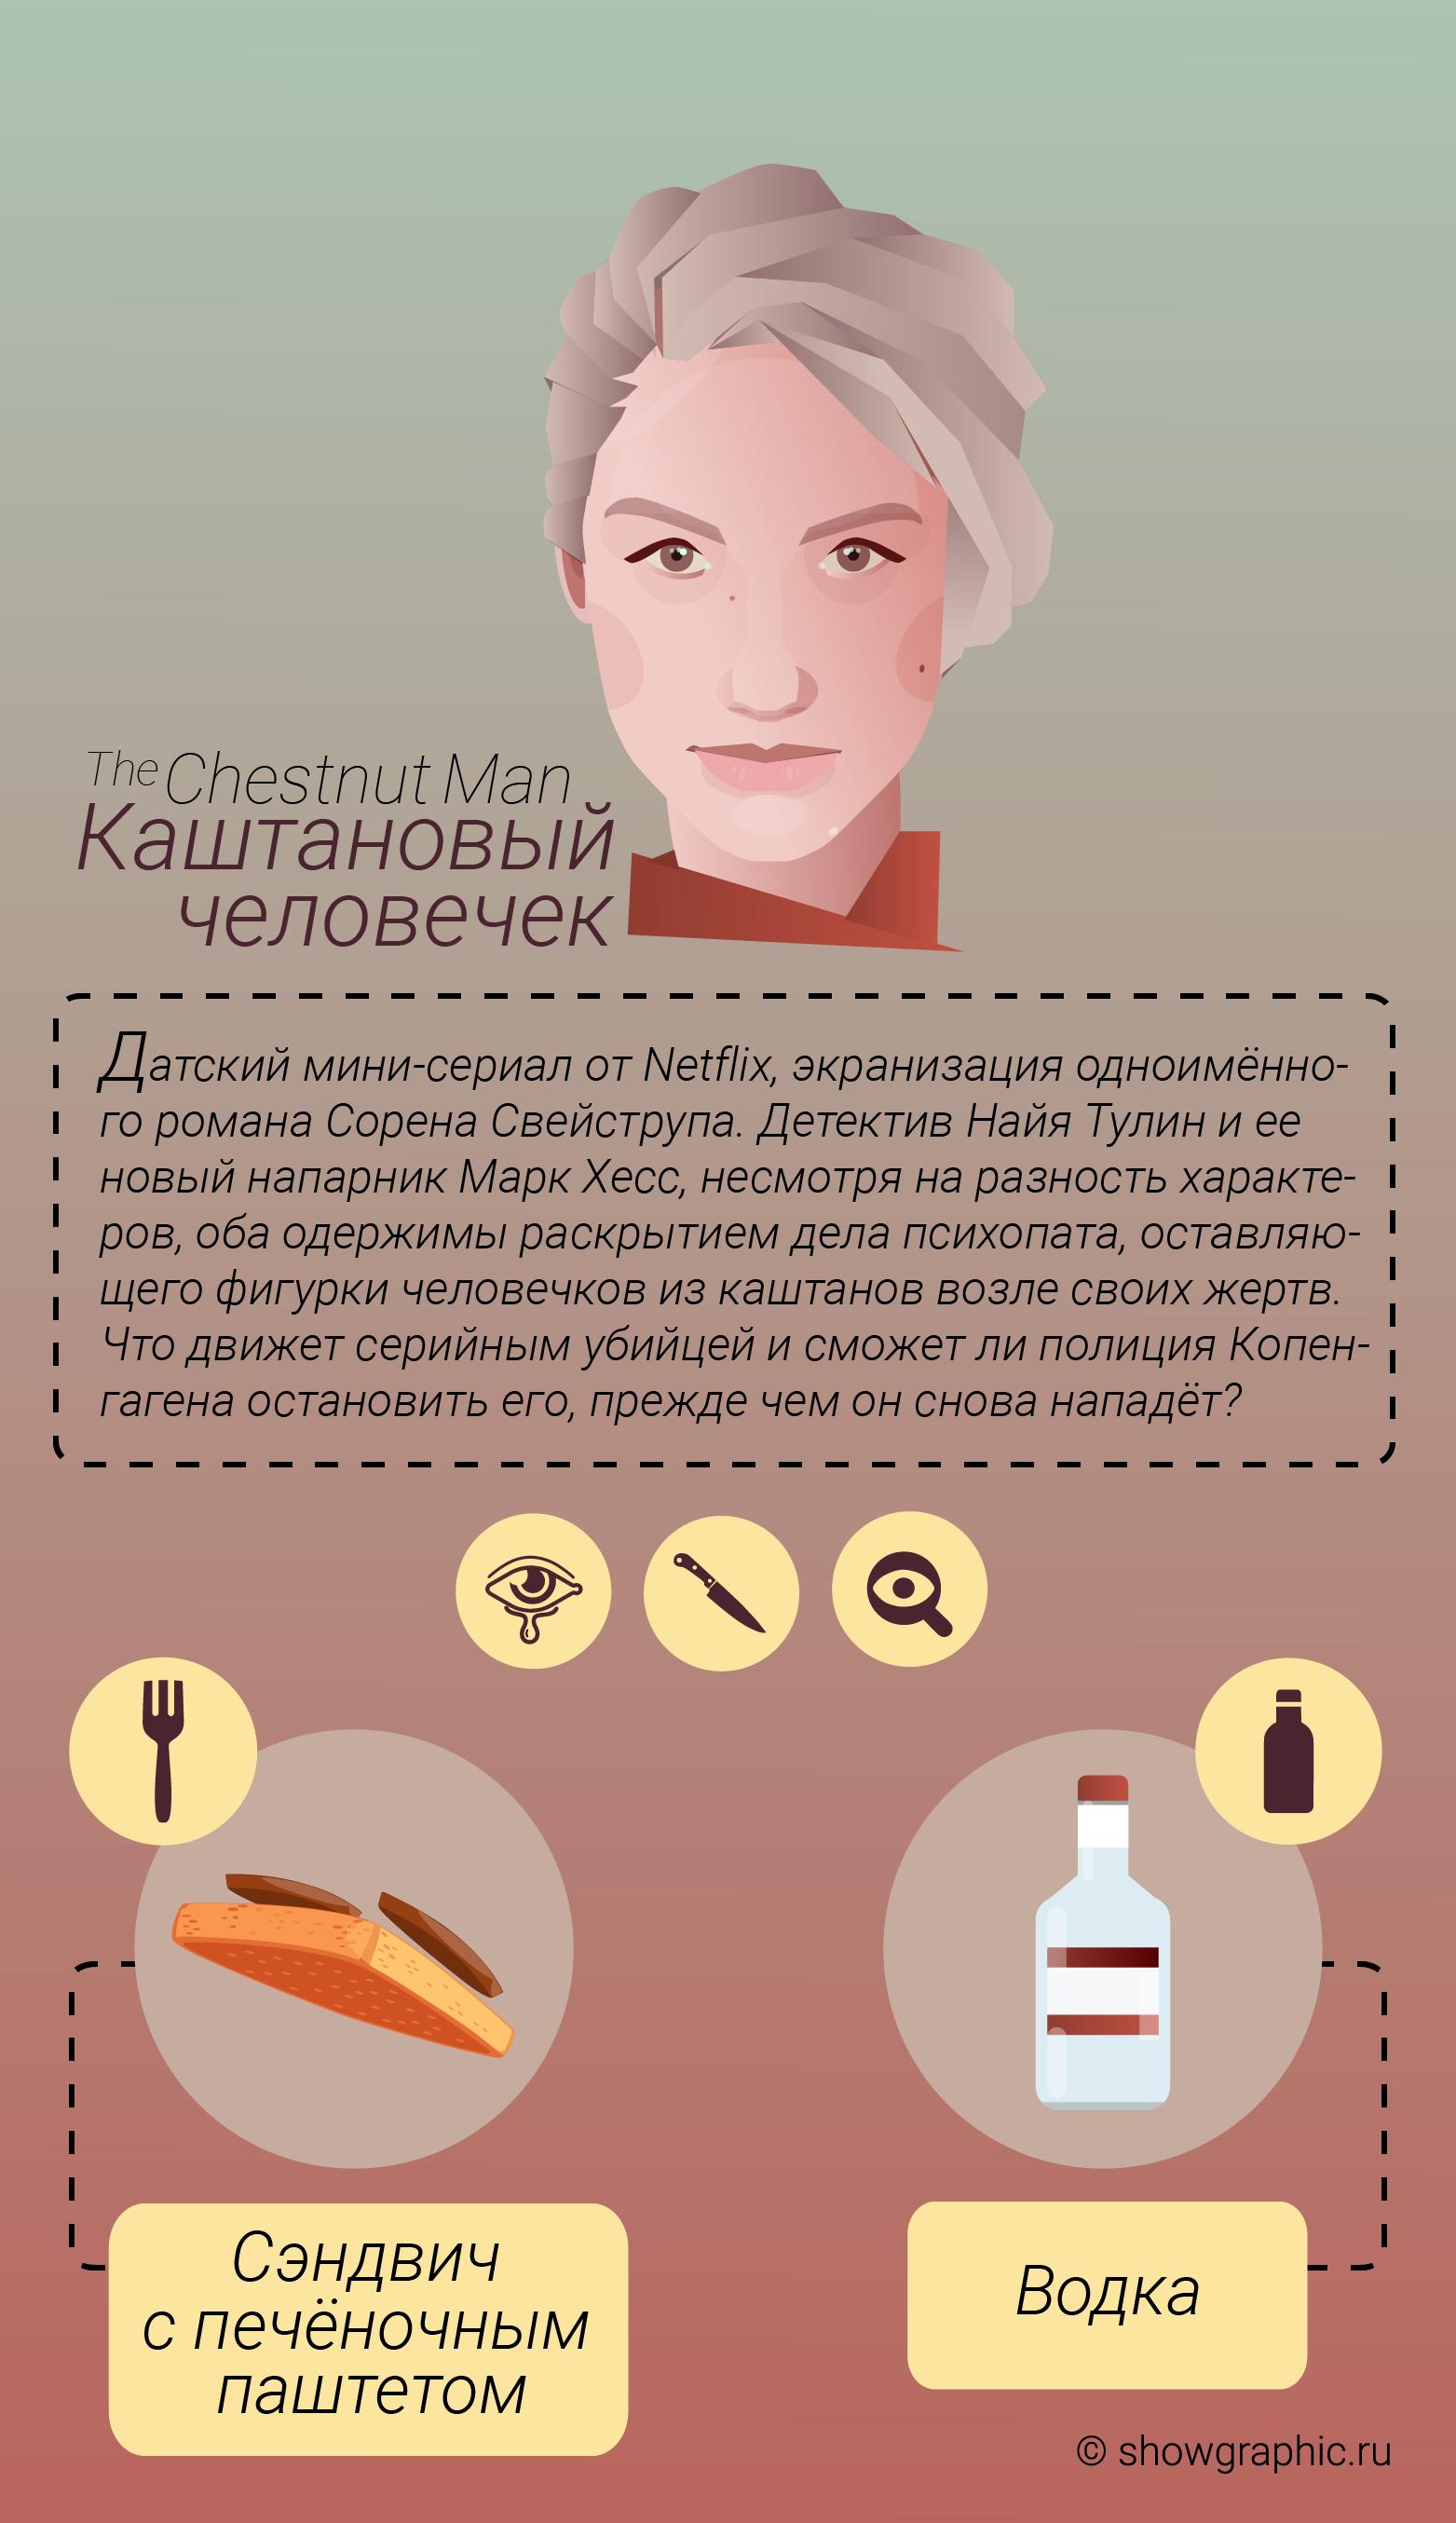 каштановый человечек инфографика